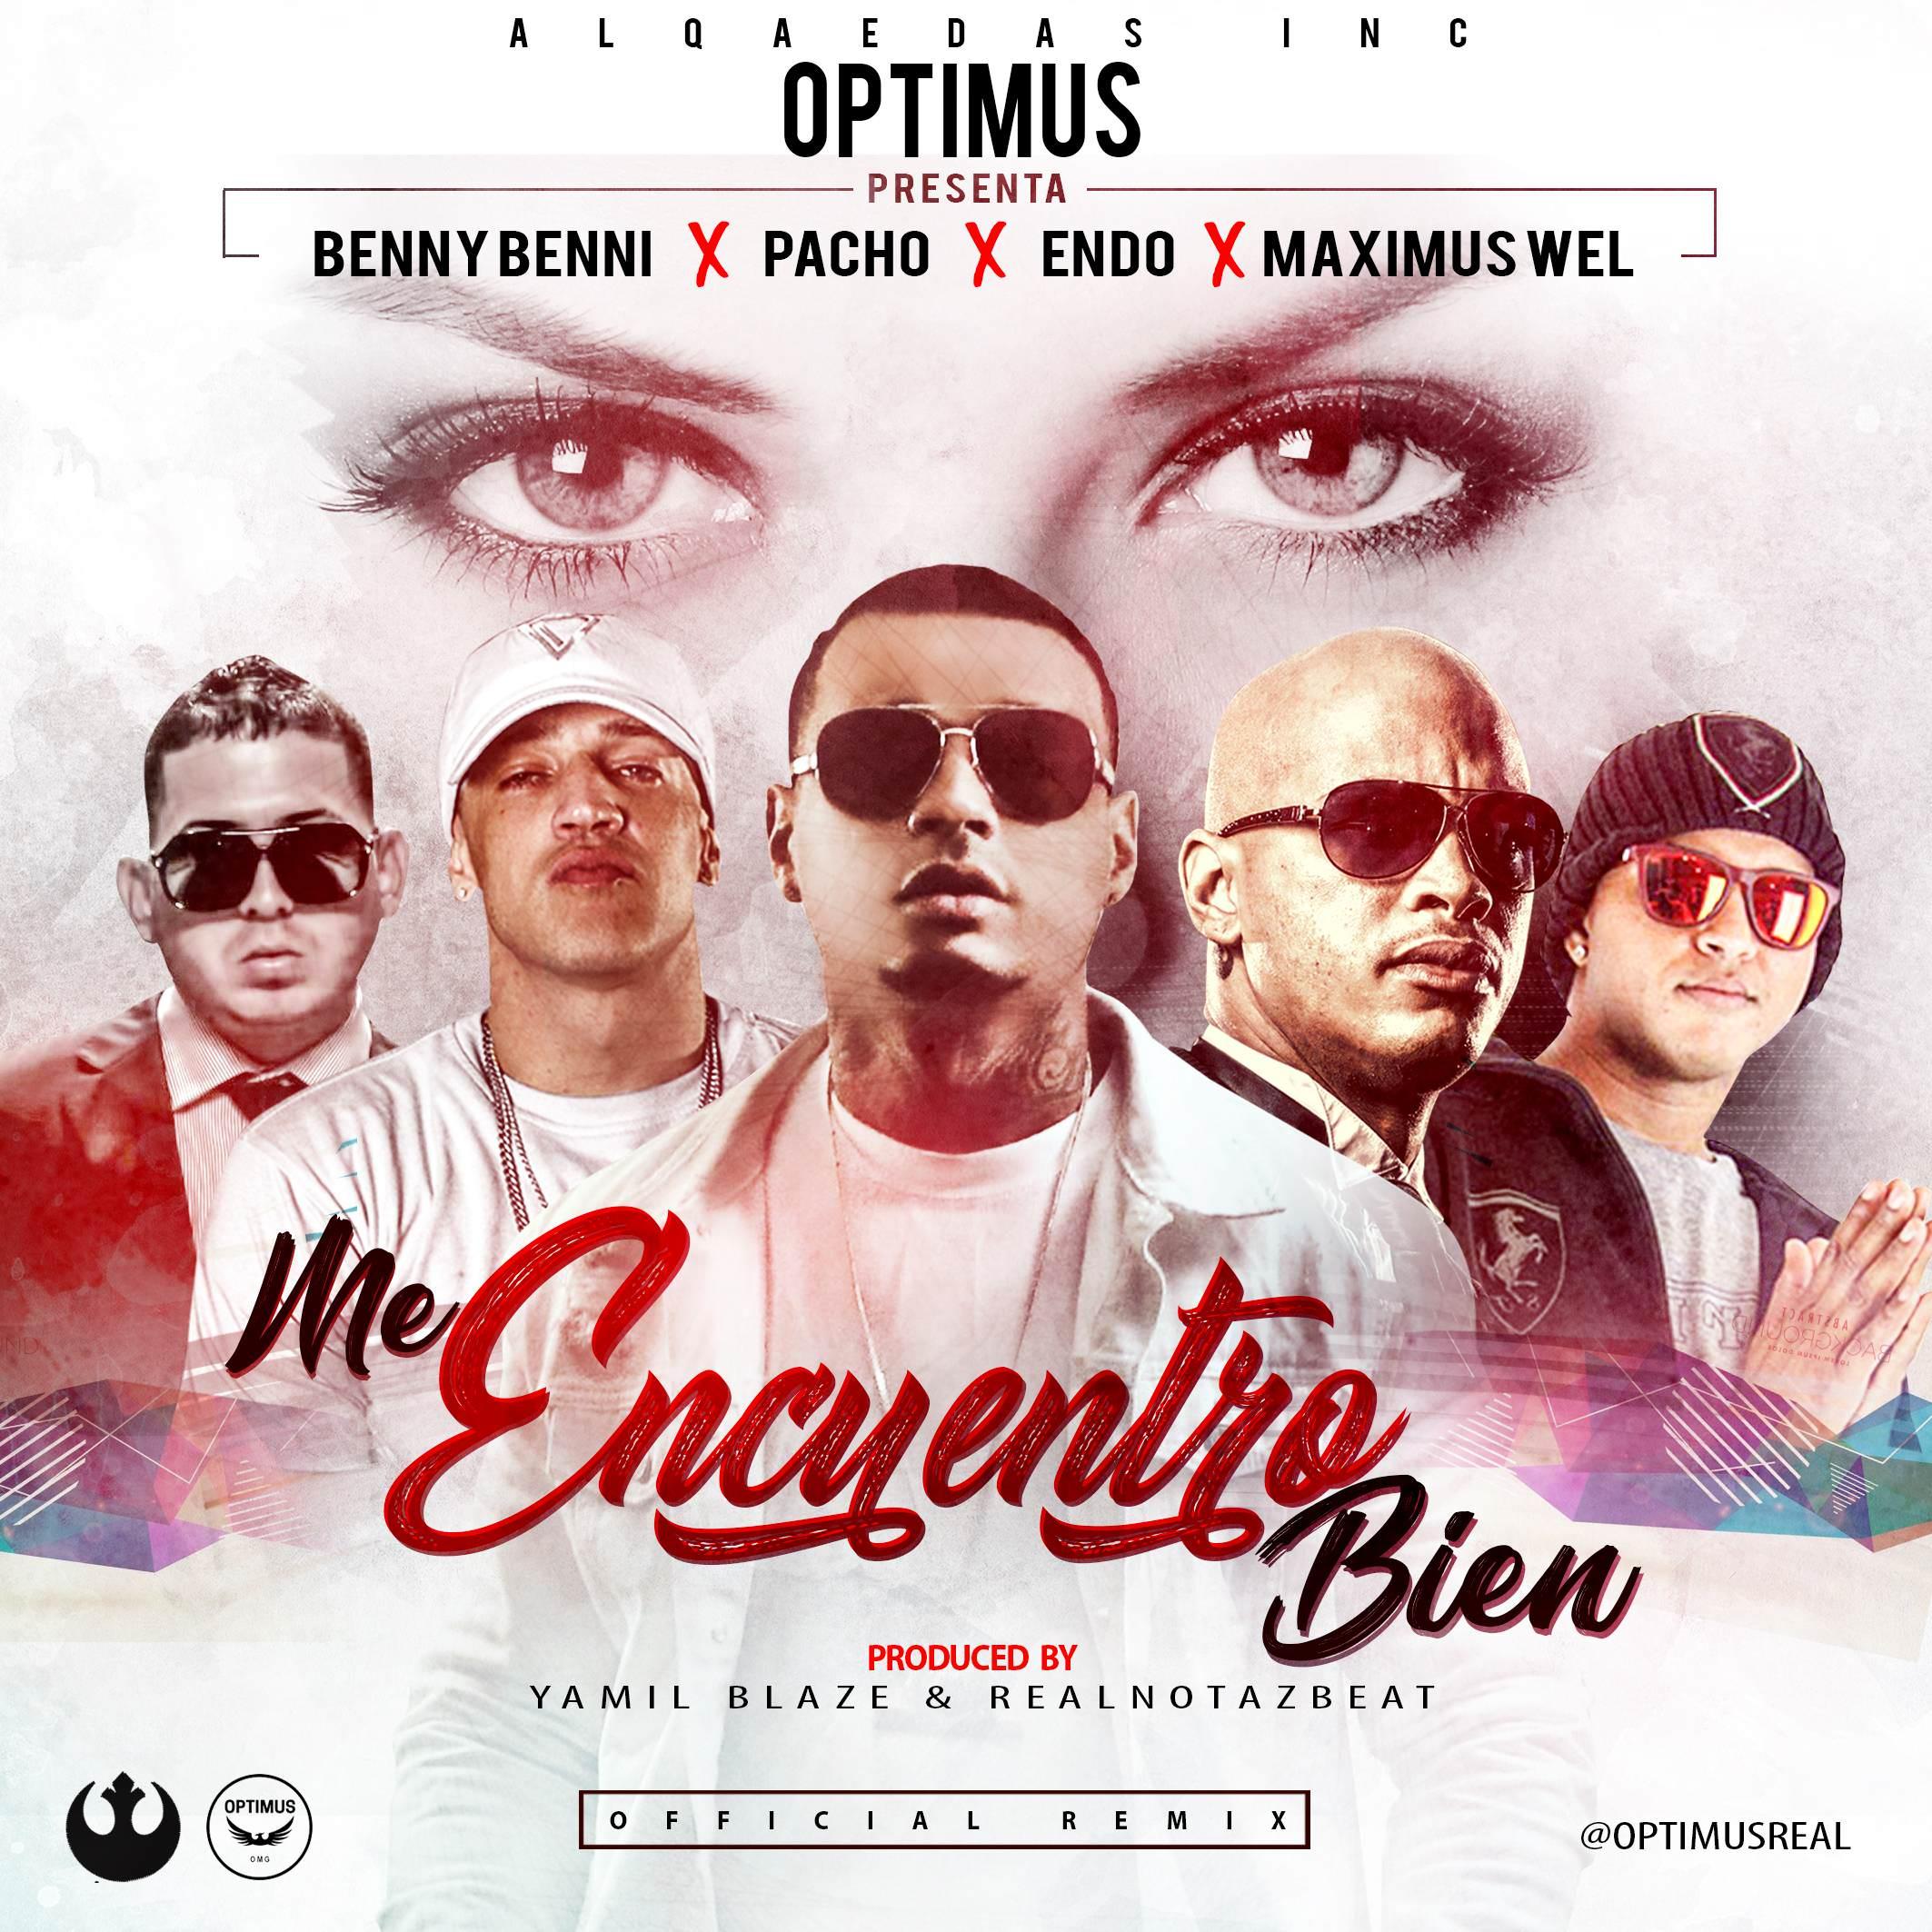 encu - Optimus Ft. Benny Benni, Pacho, Endo y Maximus Wel - Me Encuentro Bien (Official Remix)